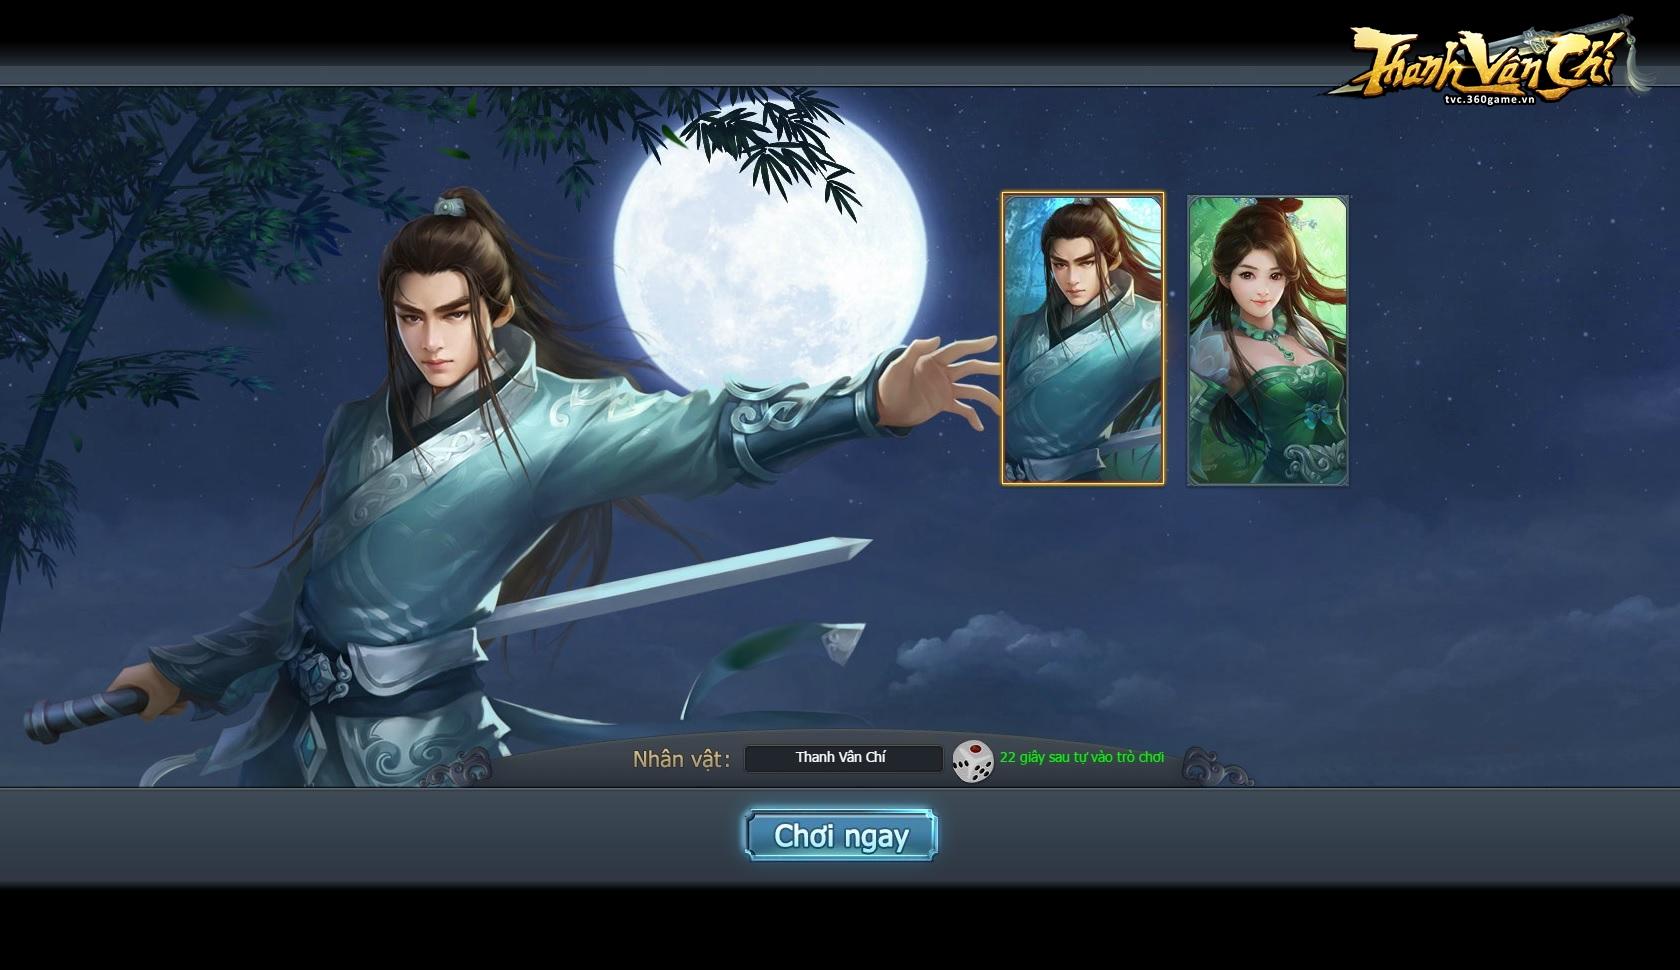 Mô phỏng chi tiết nội dung trong phim, webgame Thanh Vân Chí xứng đáng hot